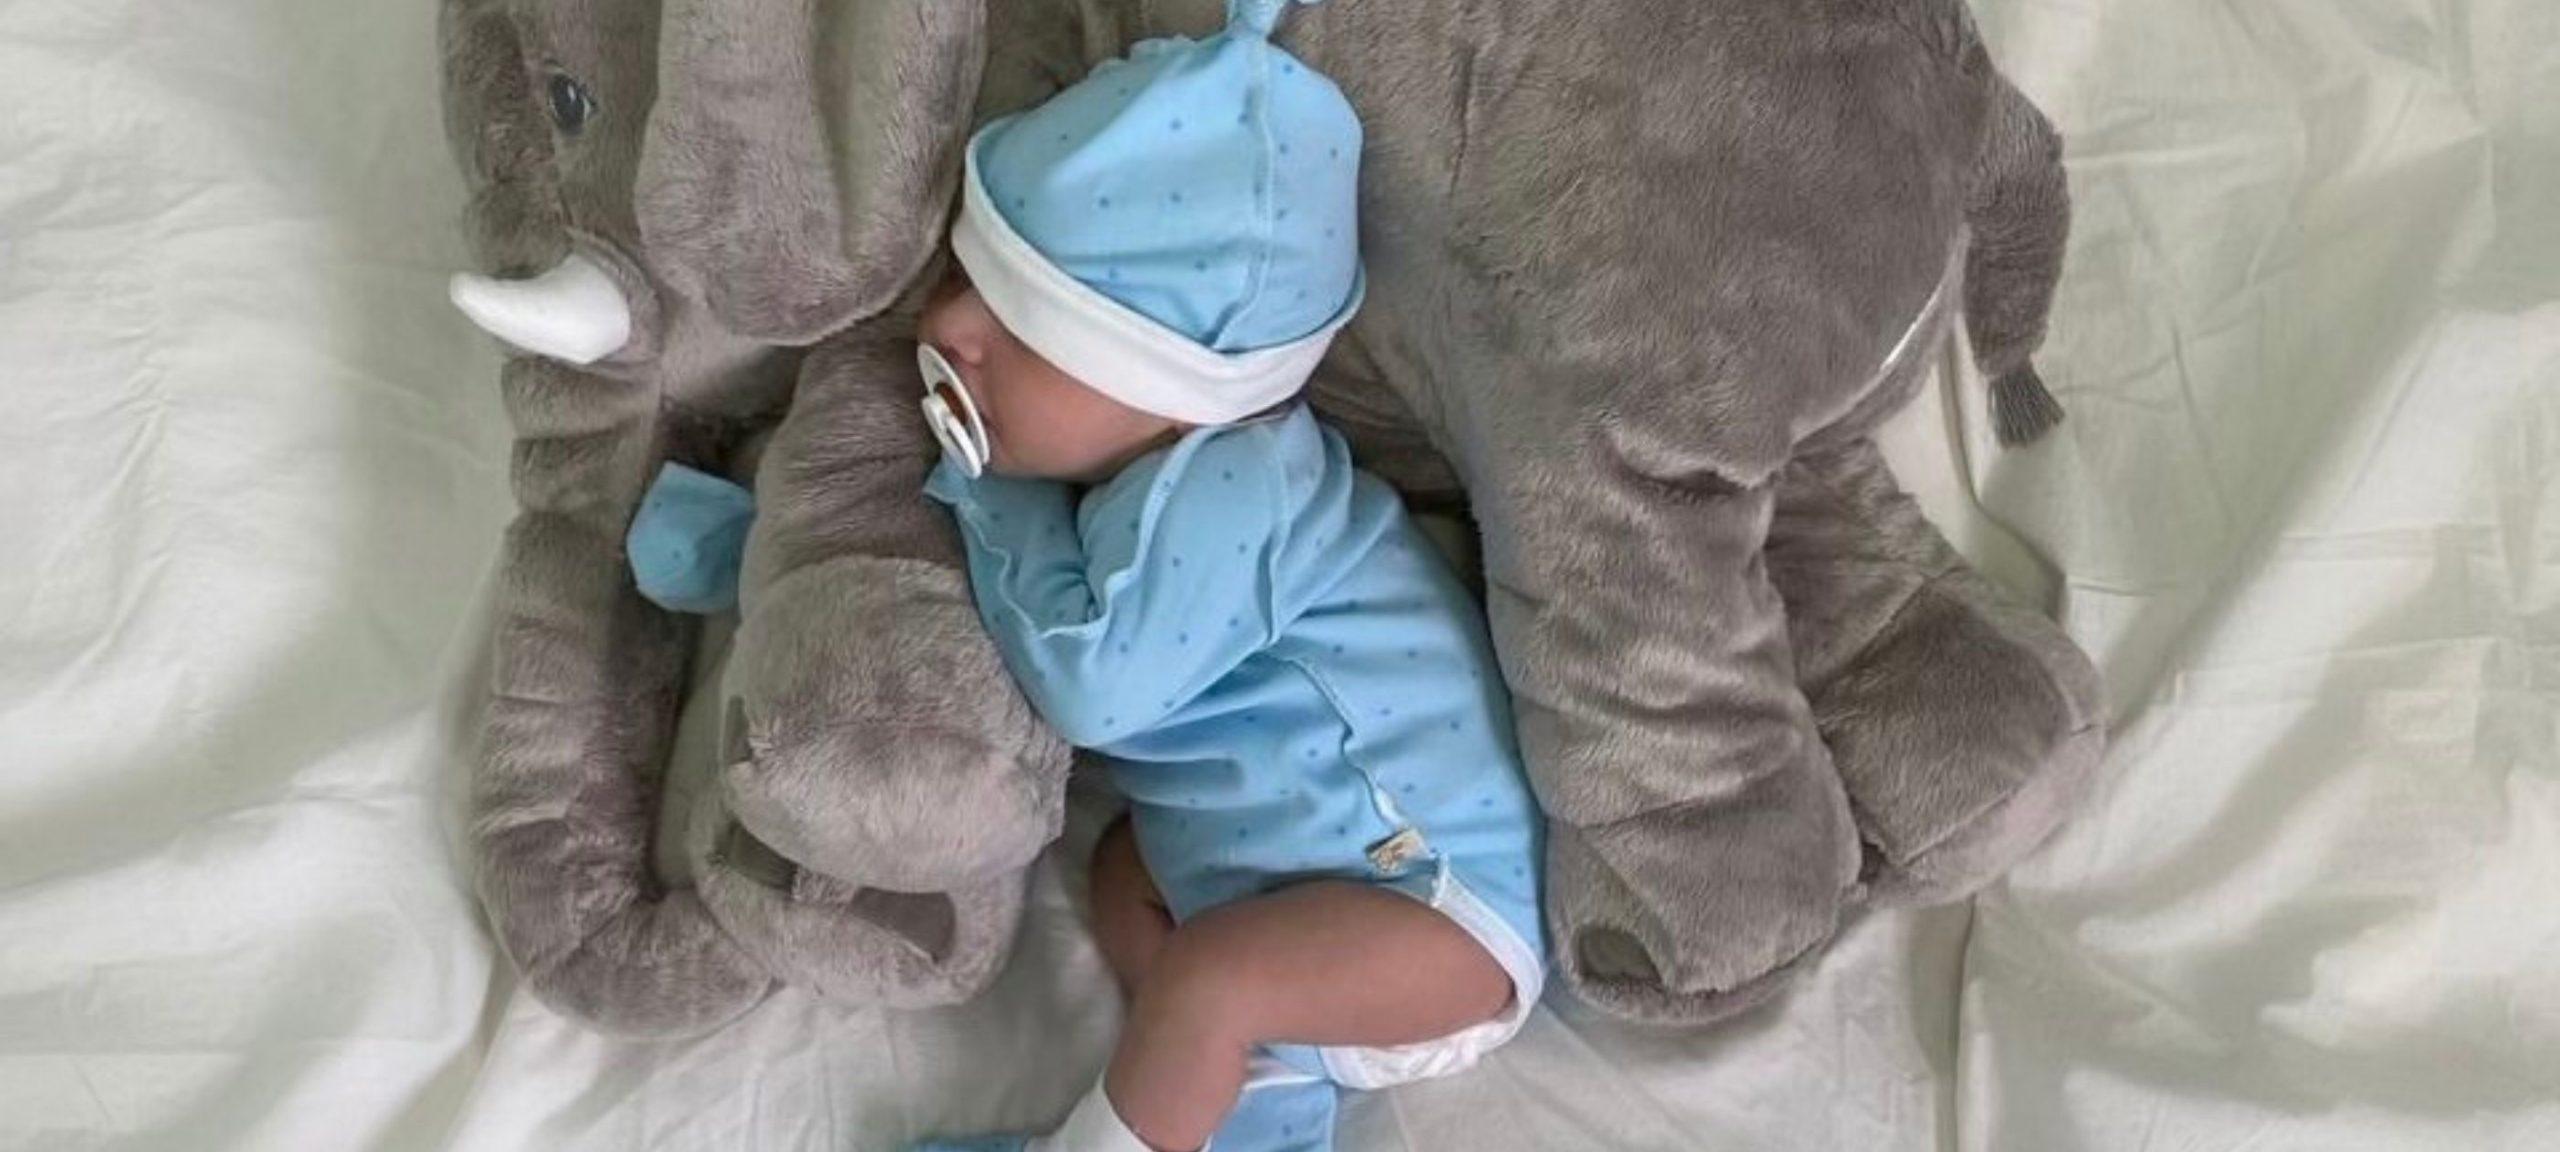 Комплект одежды для новорожденных | Впервые мама - First-time-mama.ru